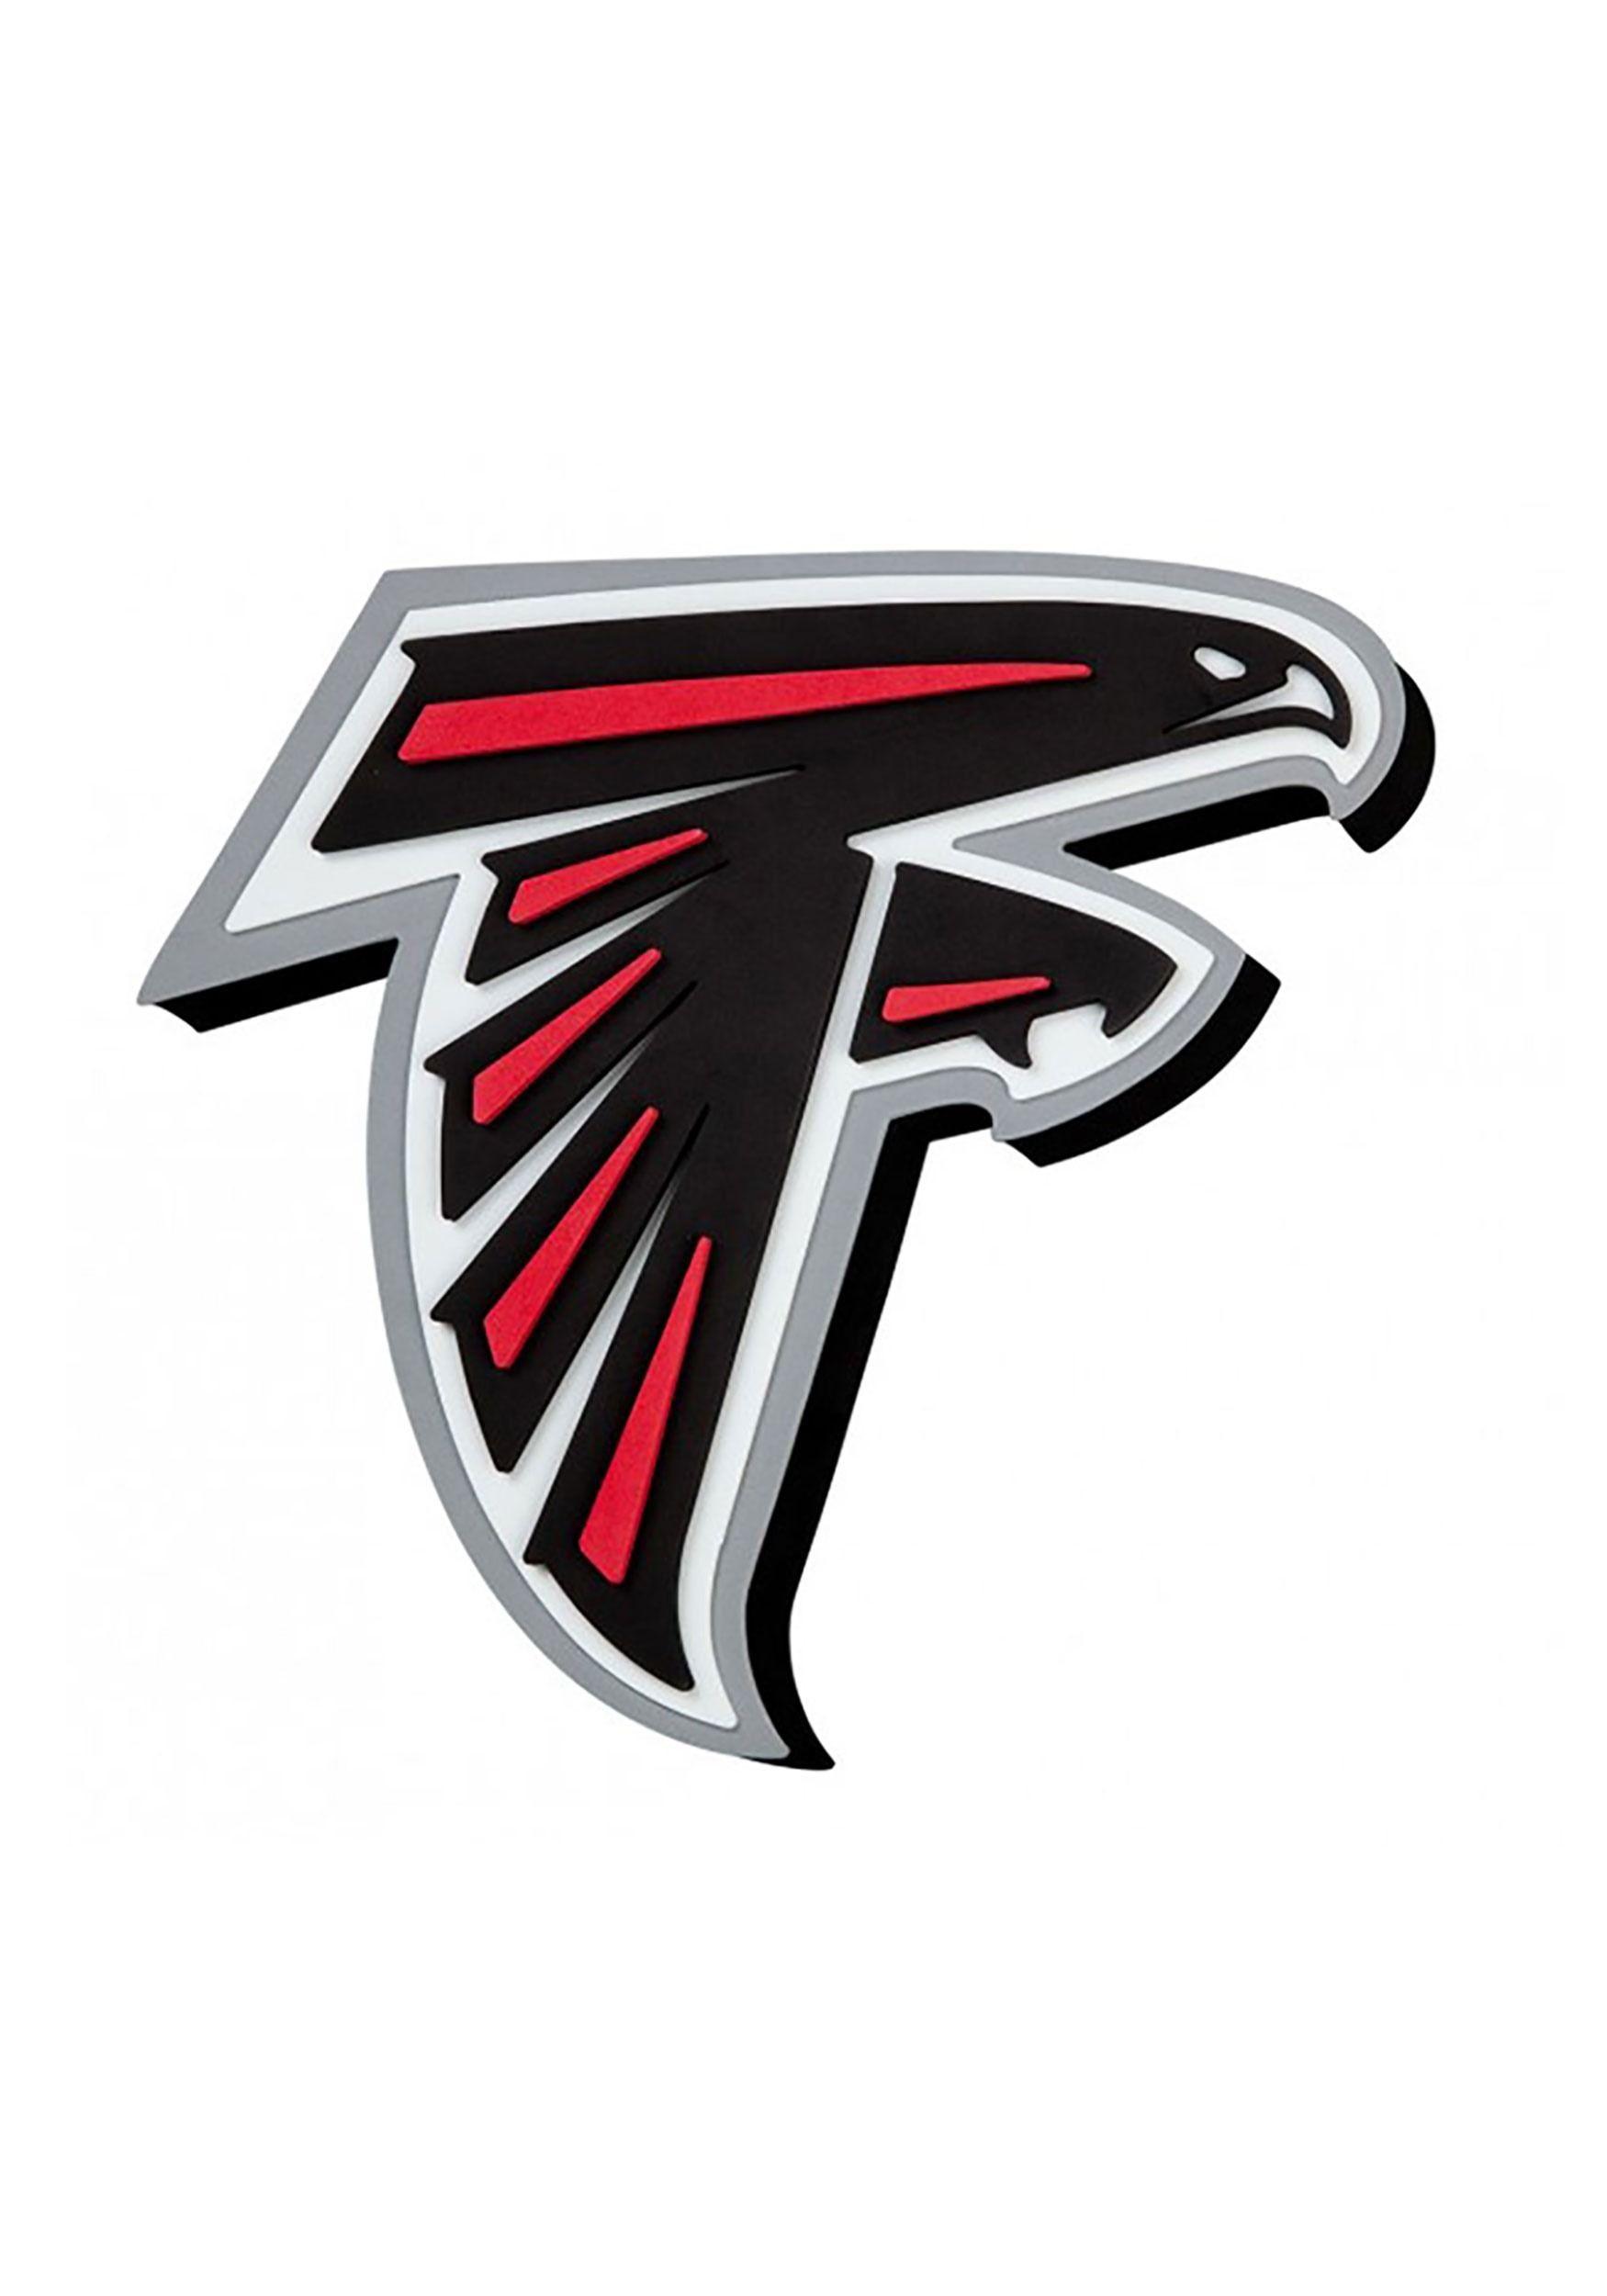 Atlanta Falcons Logo Logodix